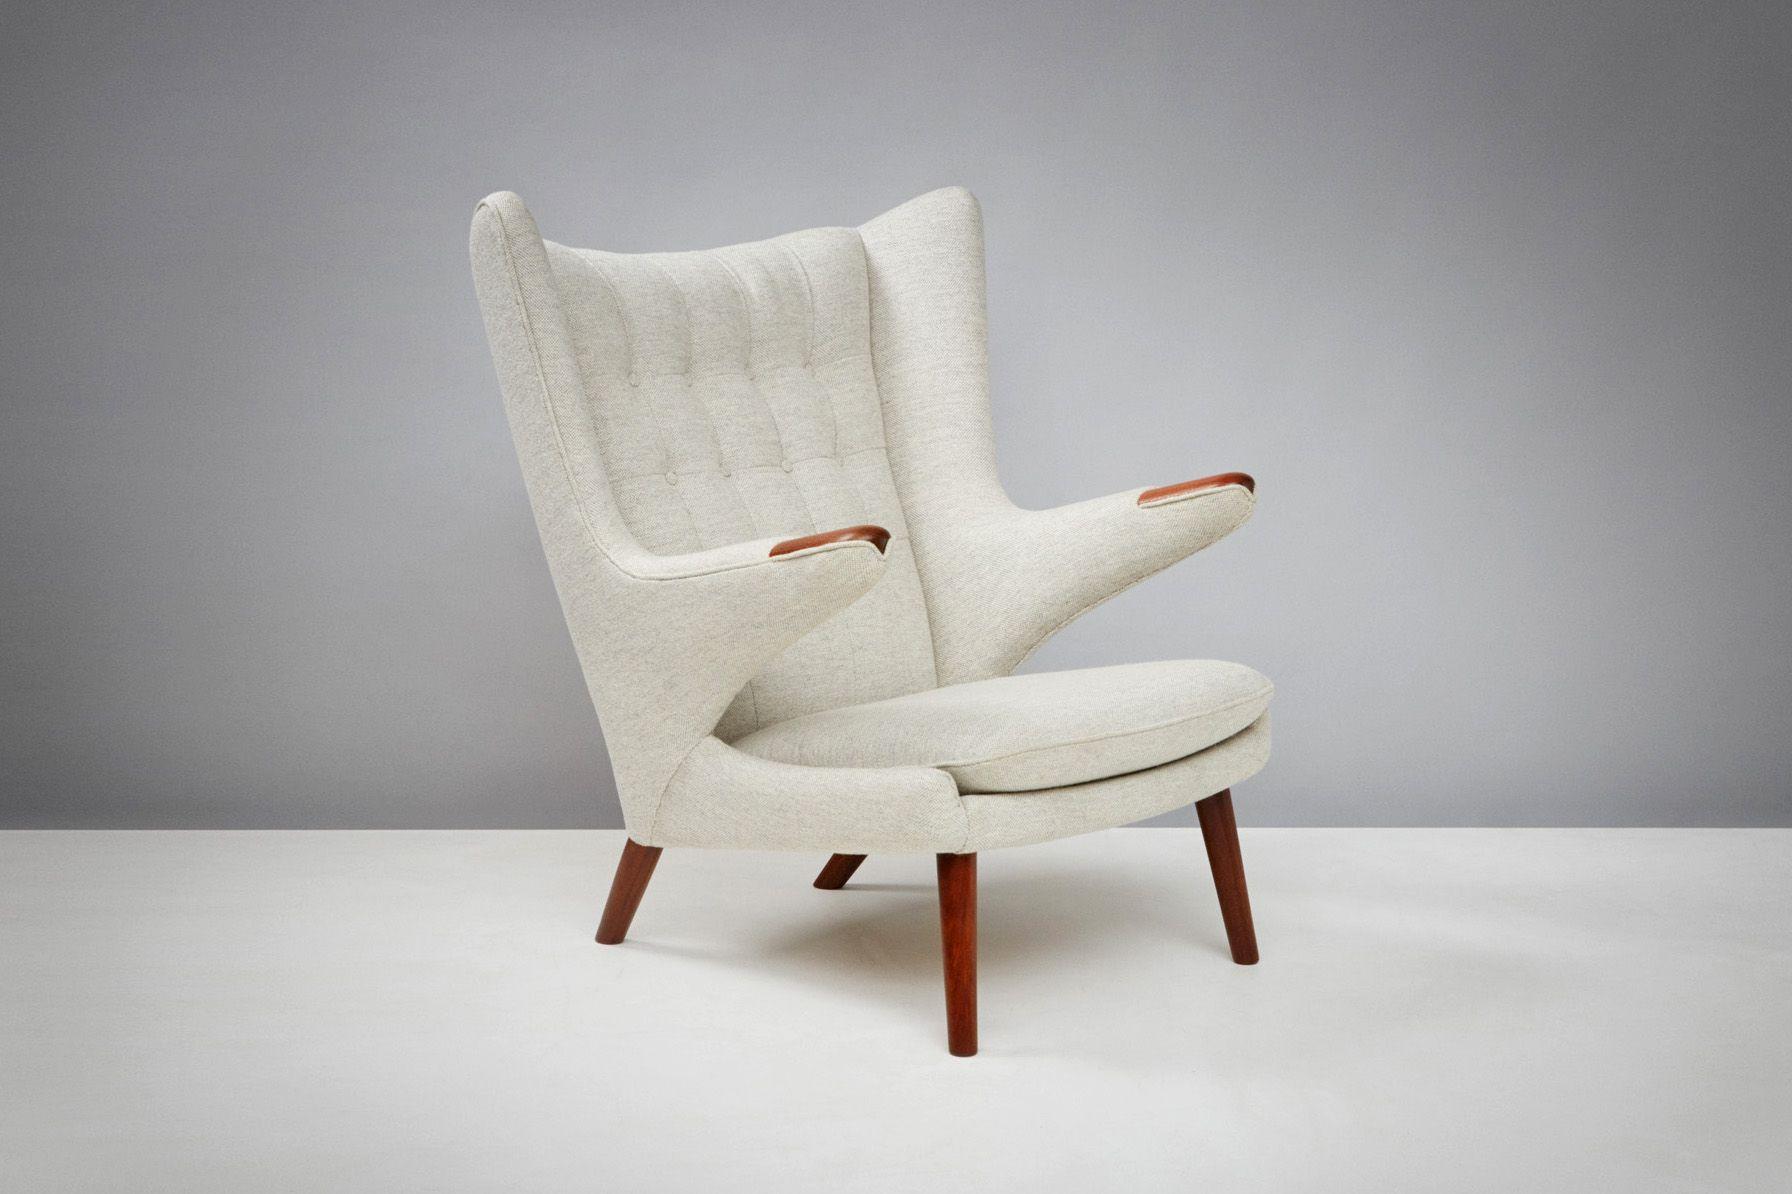 AP 19 Papa Bear Chair By Hans J. Wegner For A.P. Stolen, 1950s